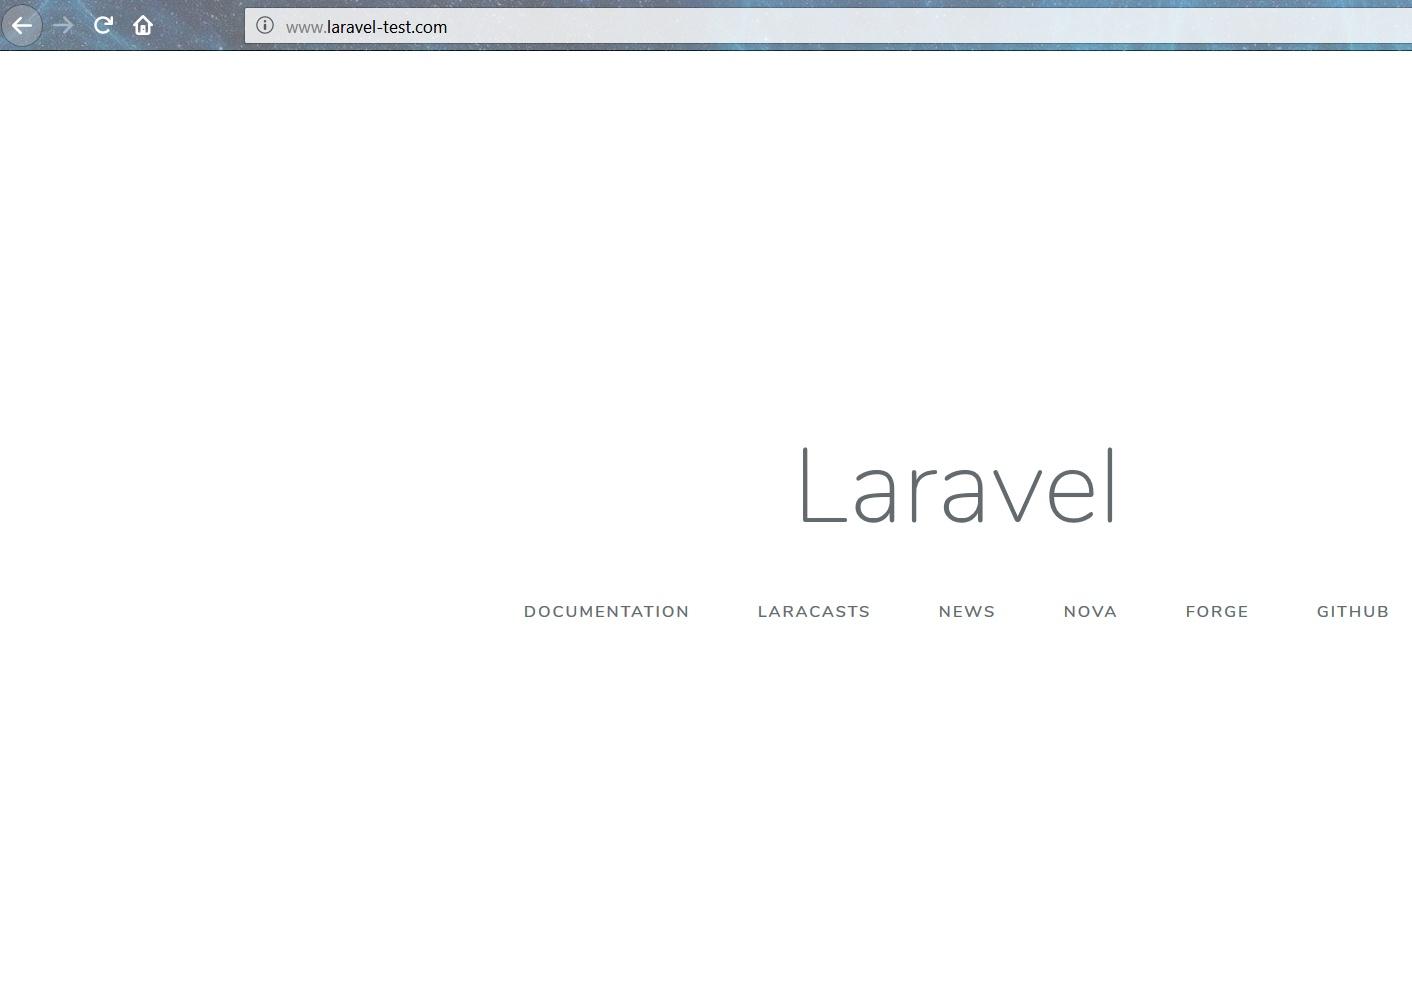 Laravel на виртуальном хостинге бесплатные хостинги для сайтов php и mysql без рекламы